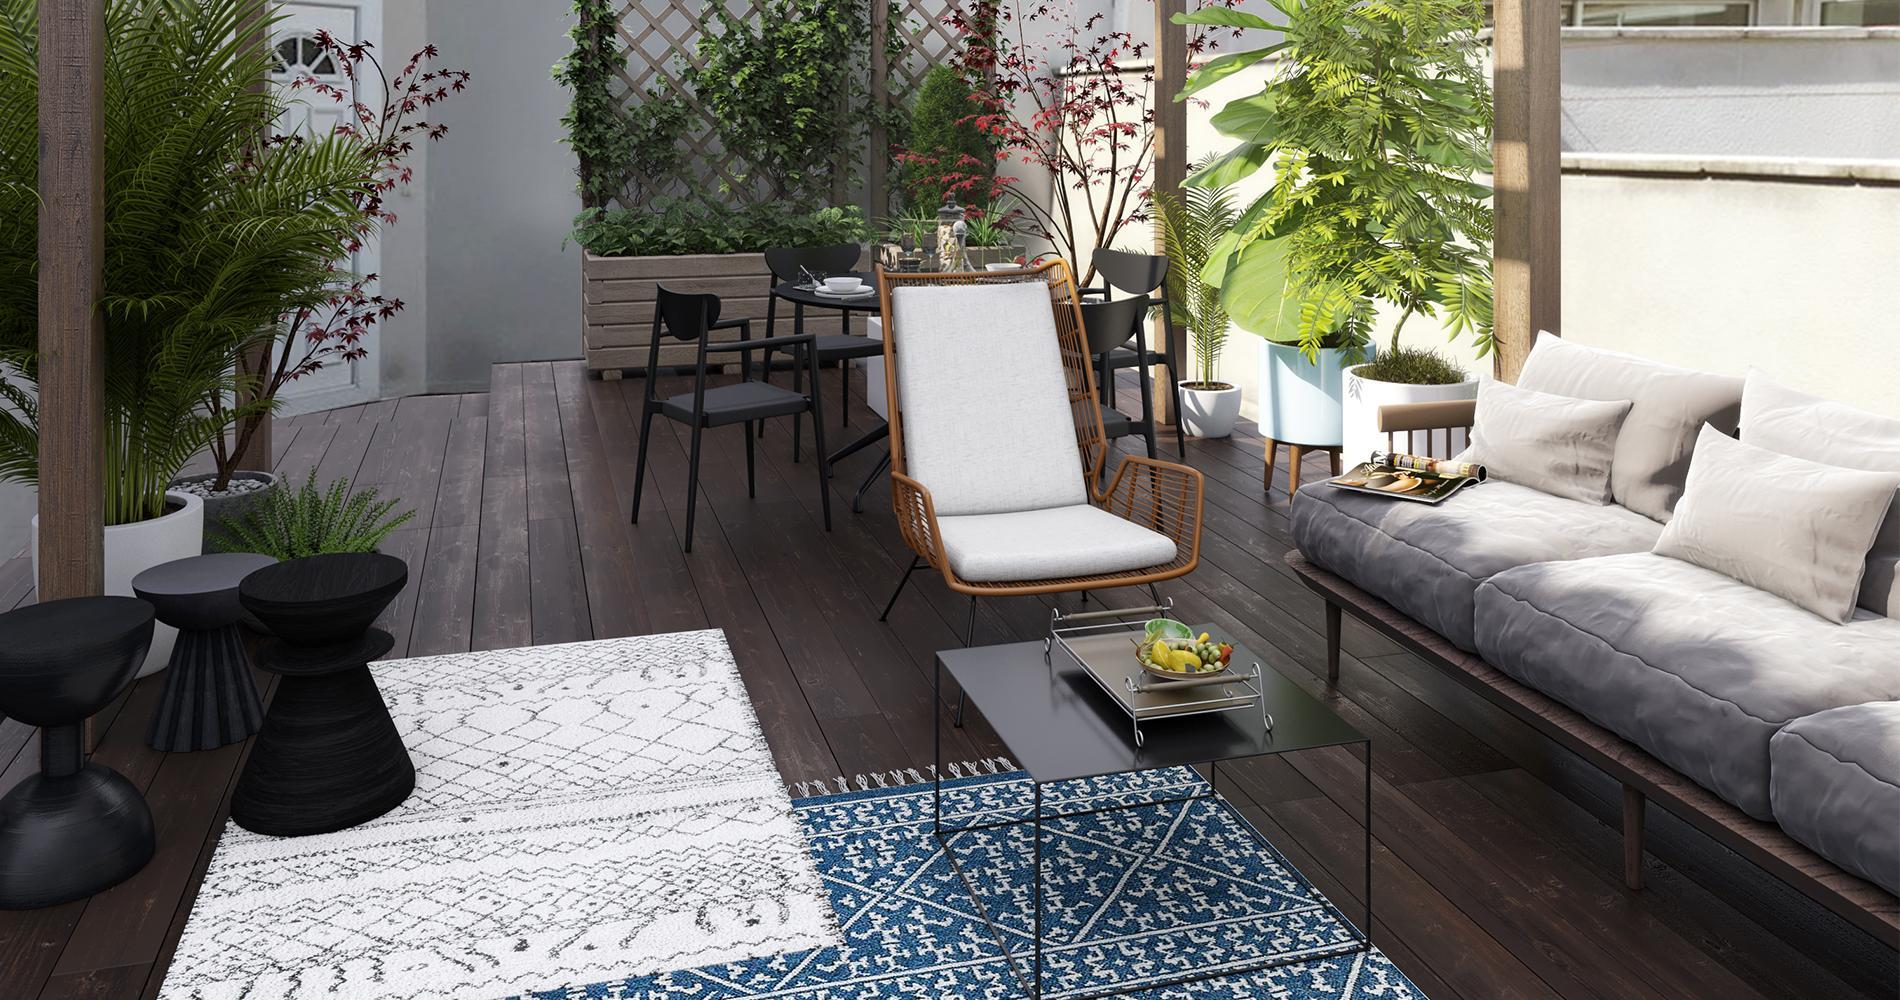 comment d corer sa terrasse madame figaro. Black Bedroom Furniture Sets. Home Design Ideas